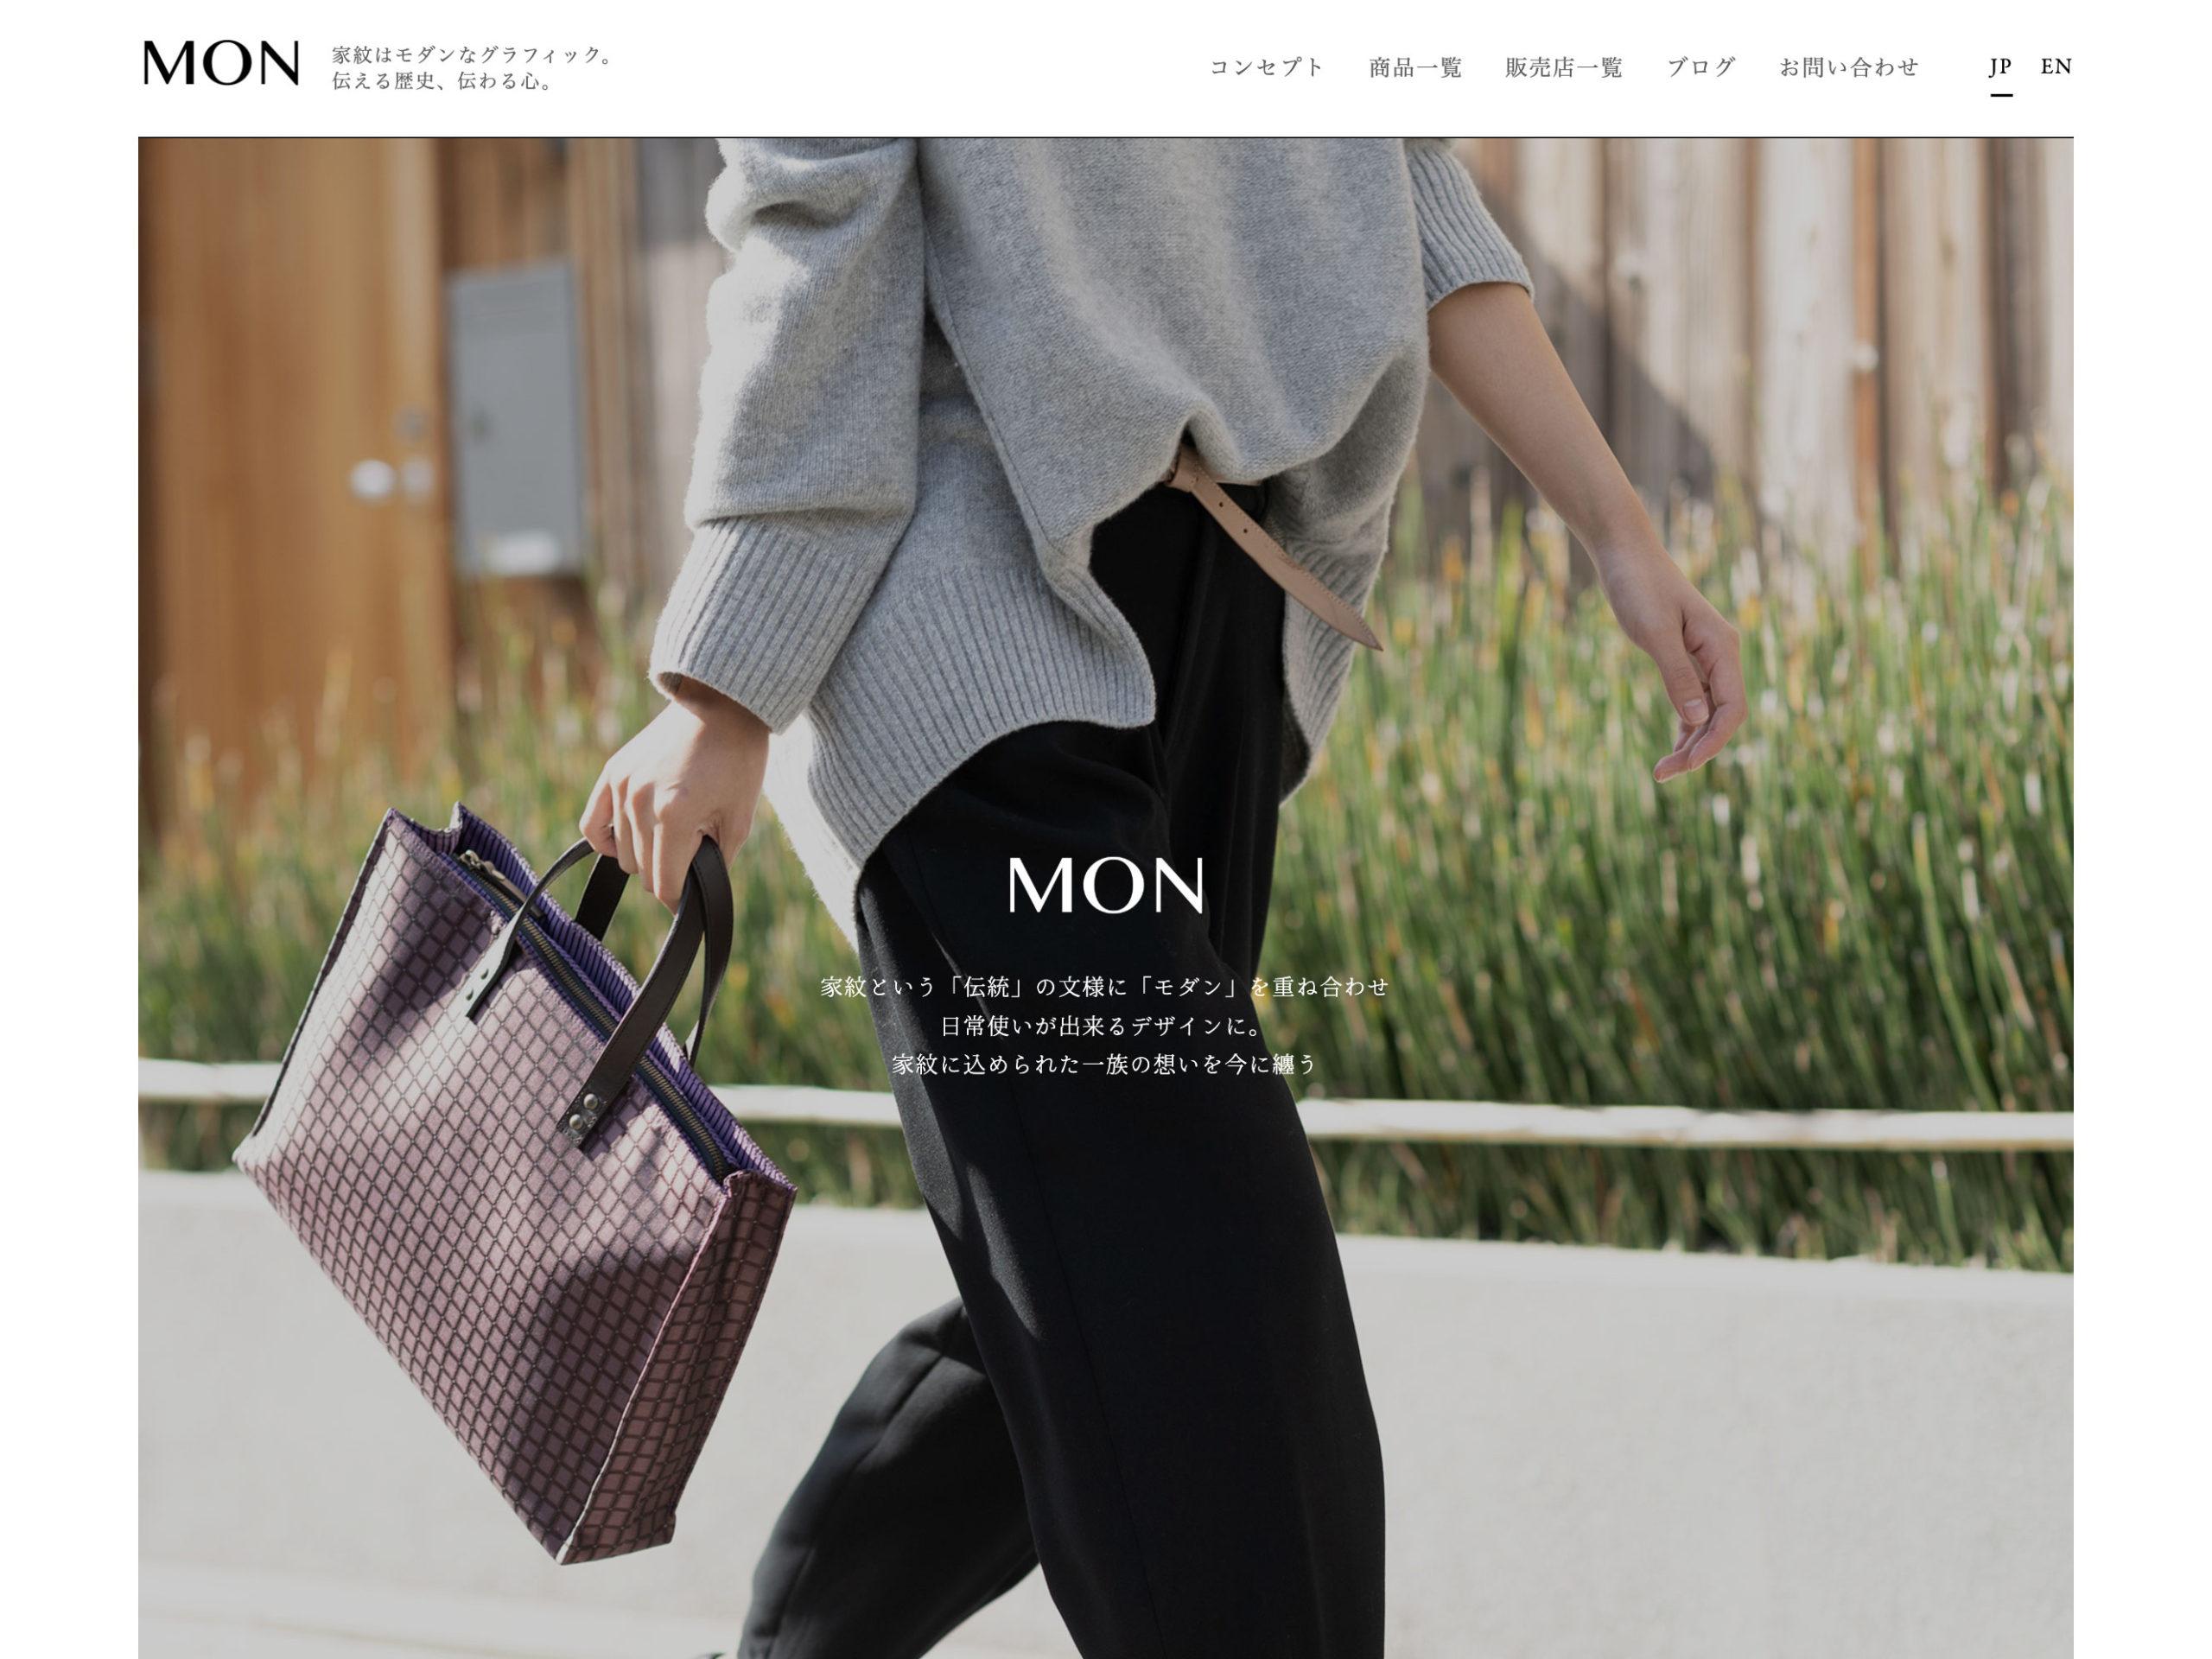 京都の家紋雑貨 MON webサイト